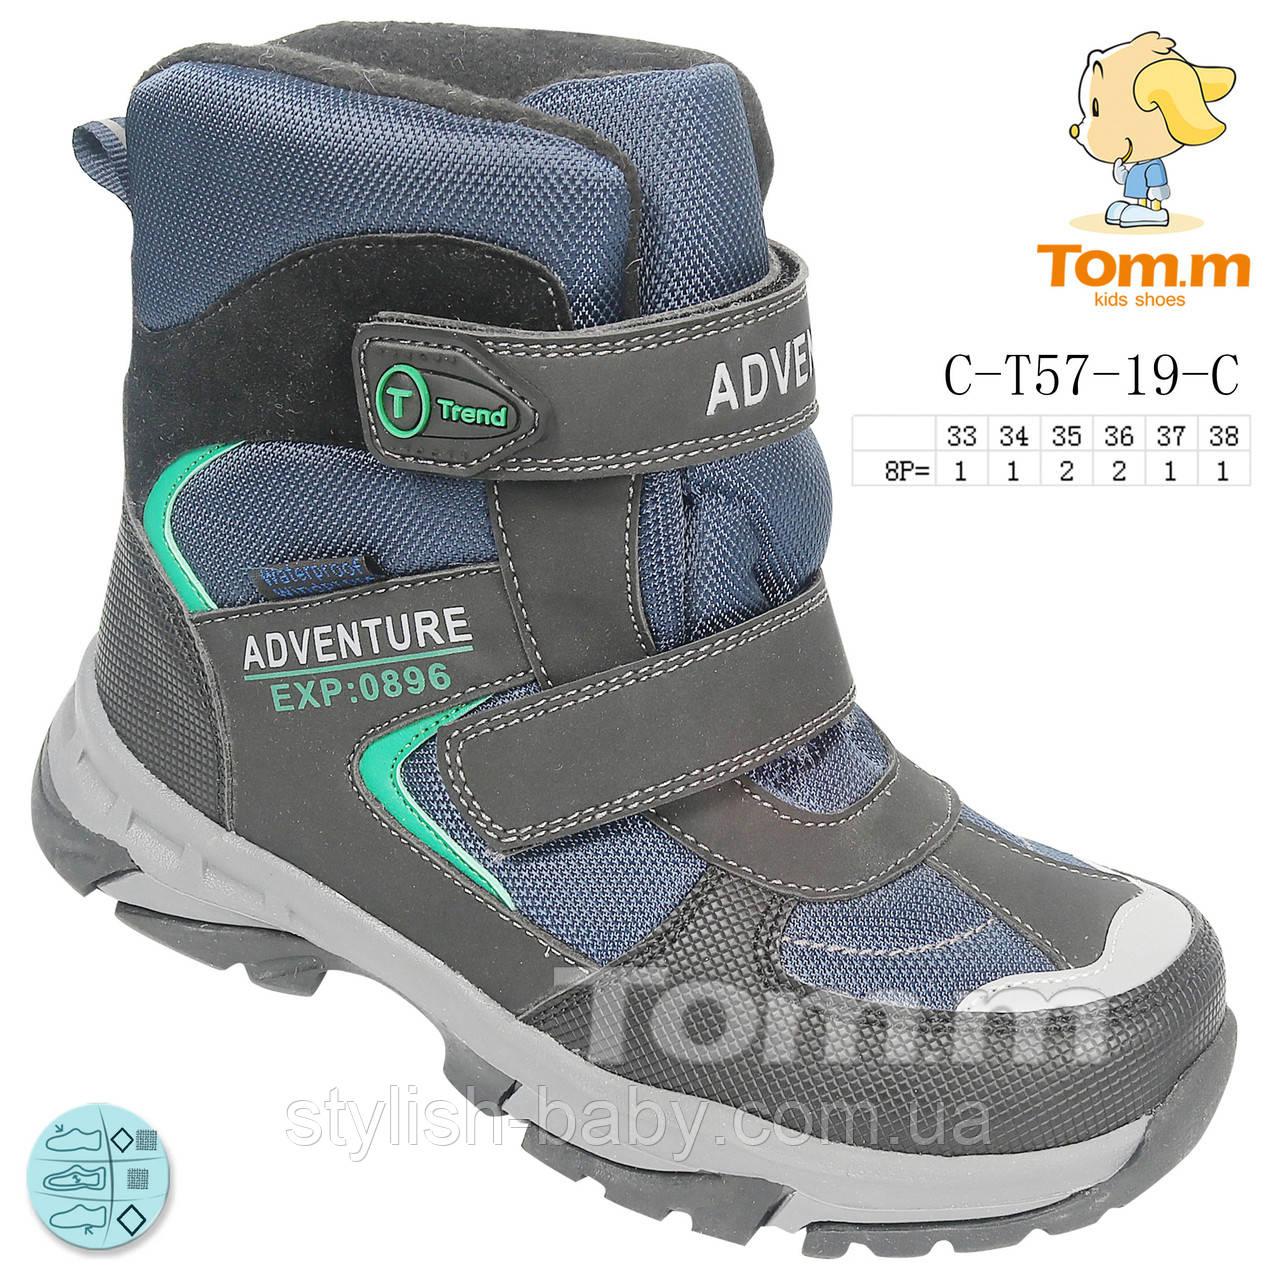 Детская обувь 2019 оптом. Детская зимняя обувь бренда Tom.m для мальчиков (рр. с 33 по 38)